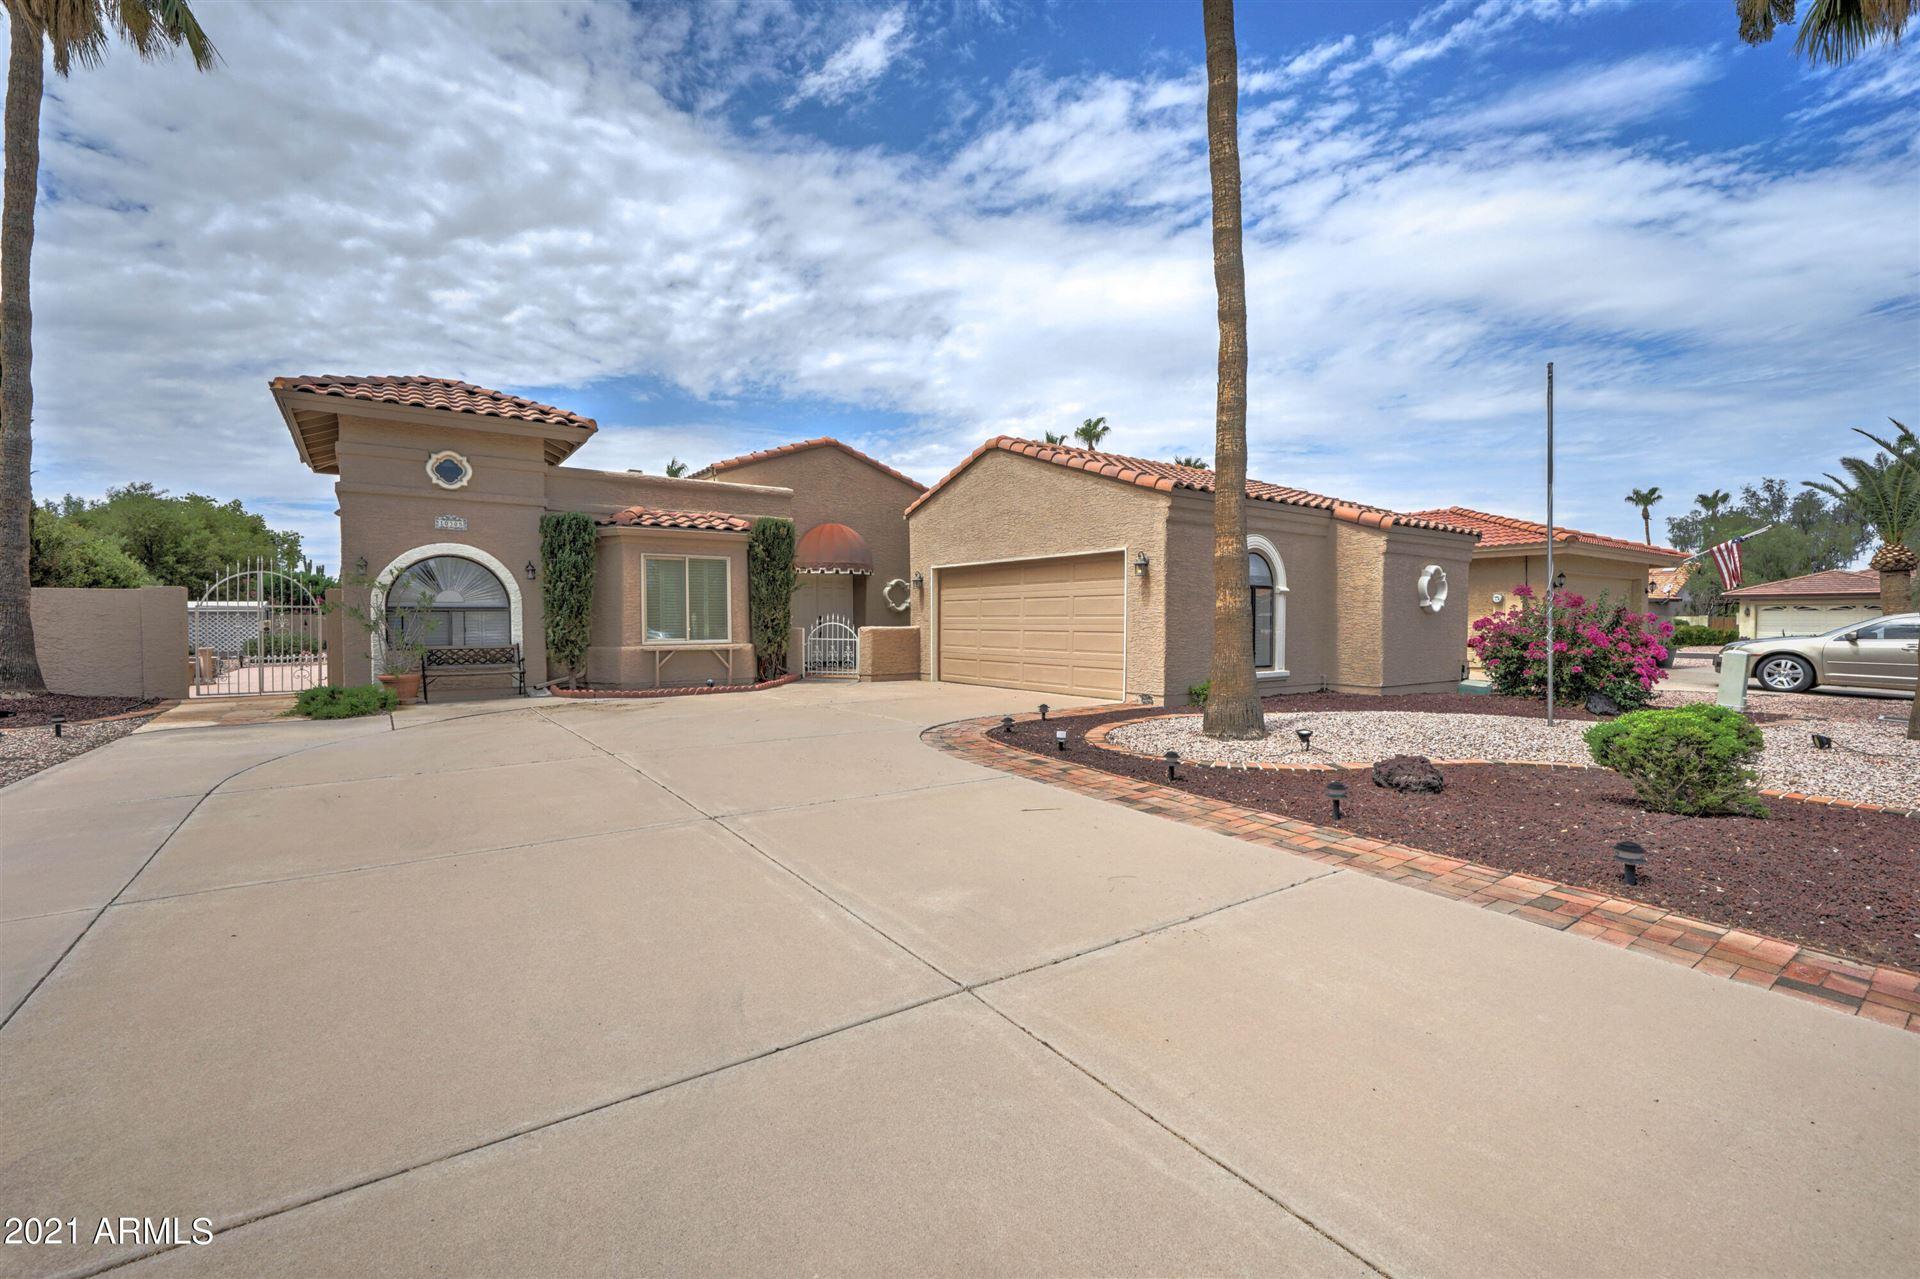 Photo of 10305 E LOTUS Court #18, Sun Lakes, AZ 85248 (MLS # 6267068)